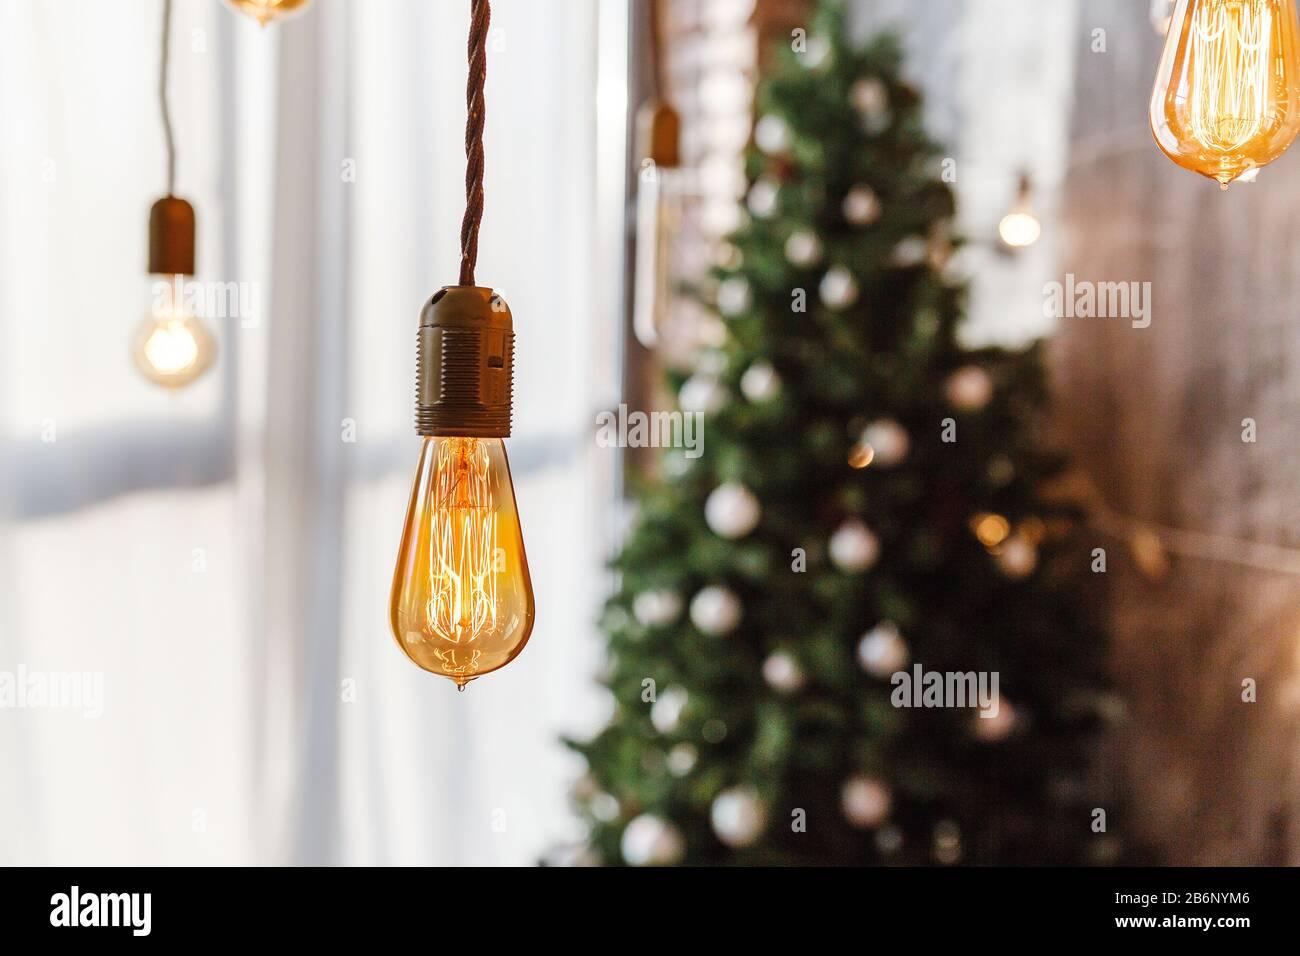 Christmas Tree And Modern Edison Light Bulbs Handing Stock Photo Alamy